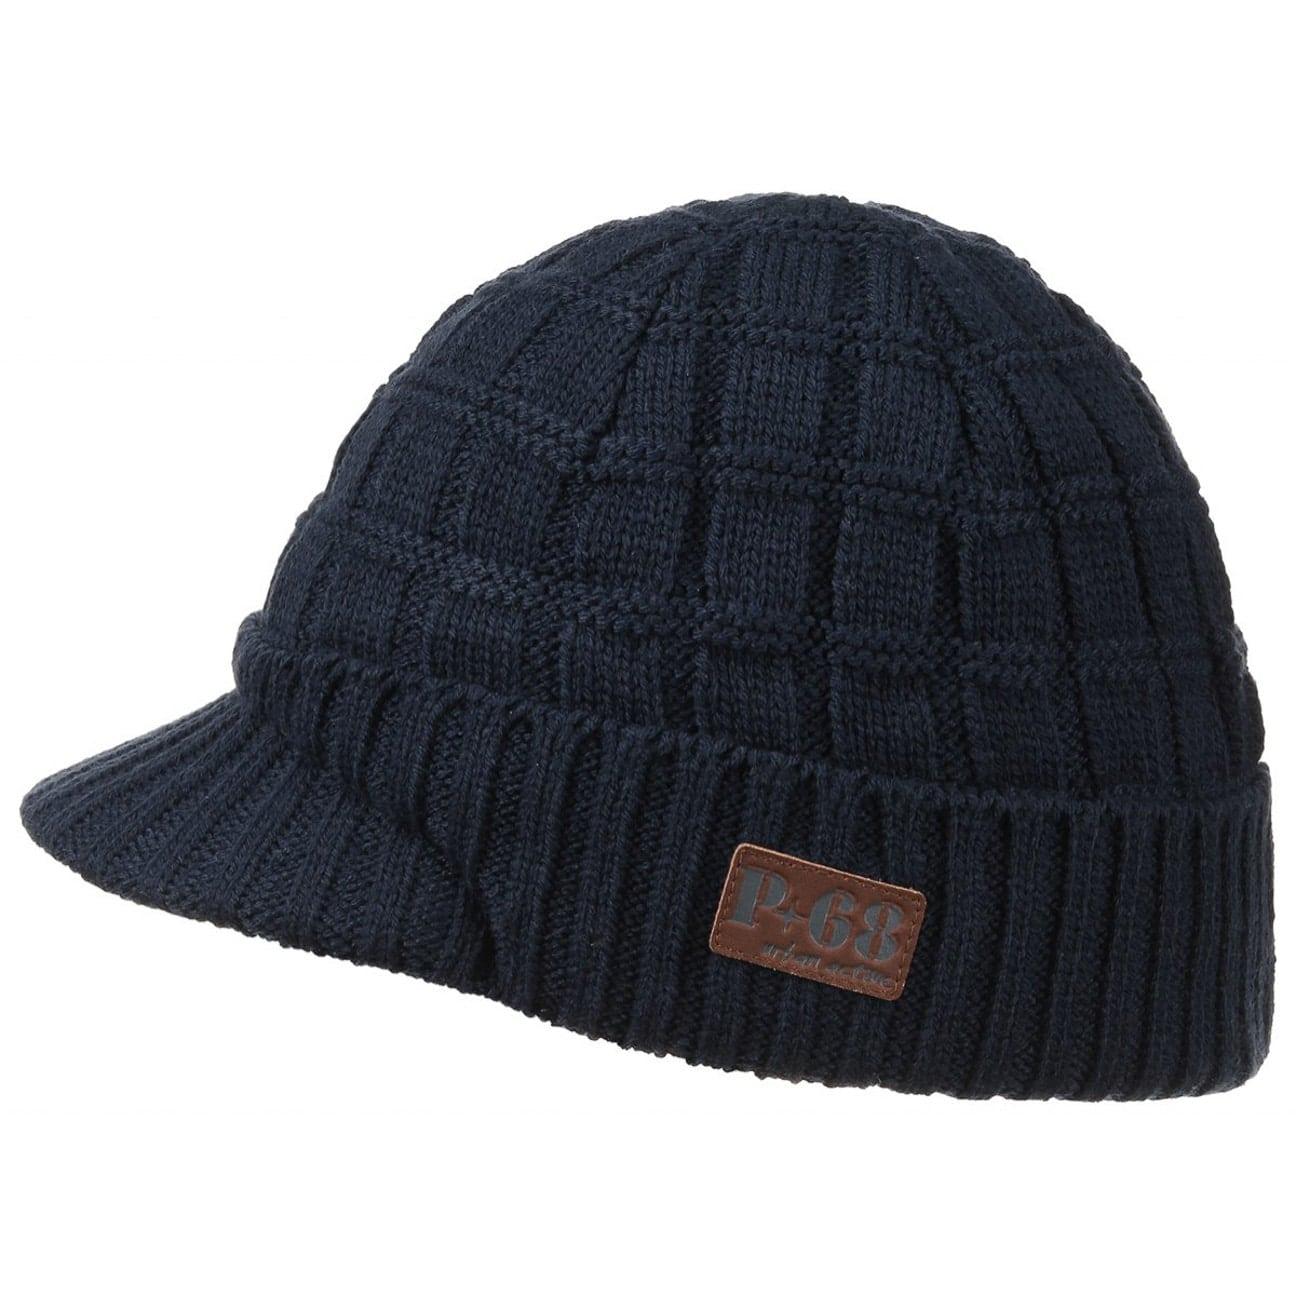 winter-strickcap-by-sterntaler-schirmmutzen